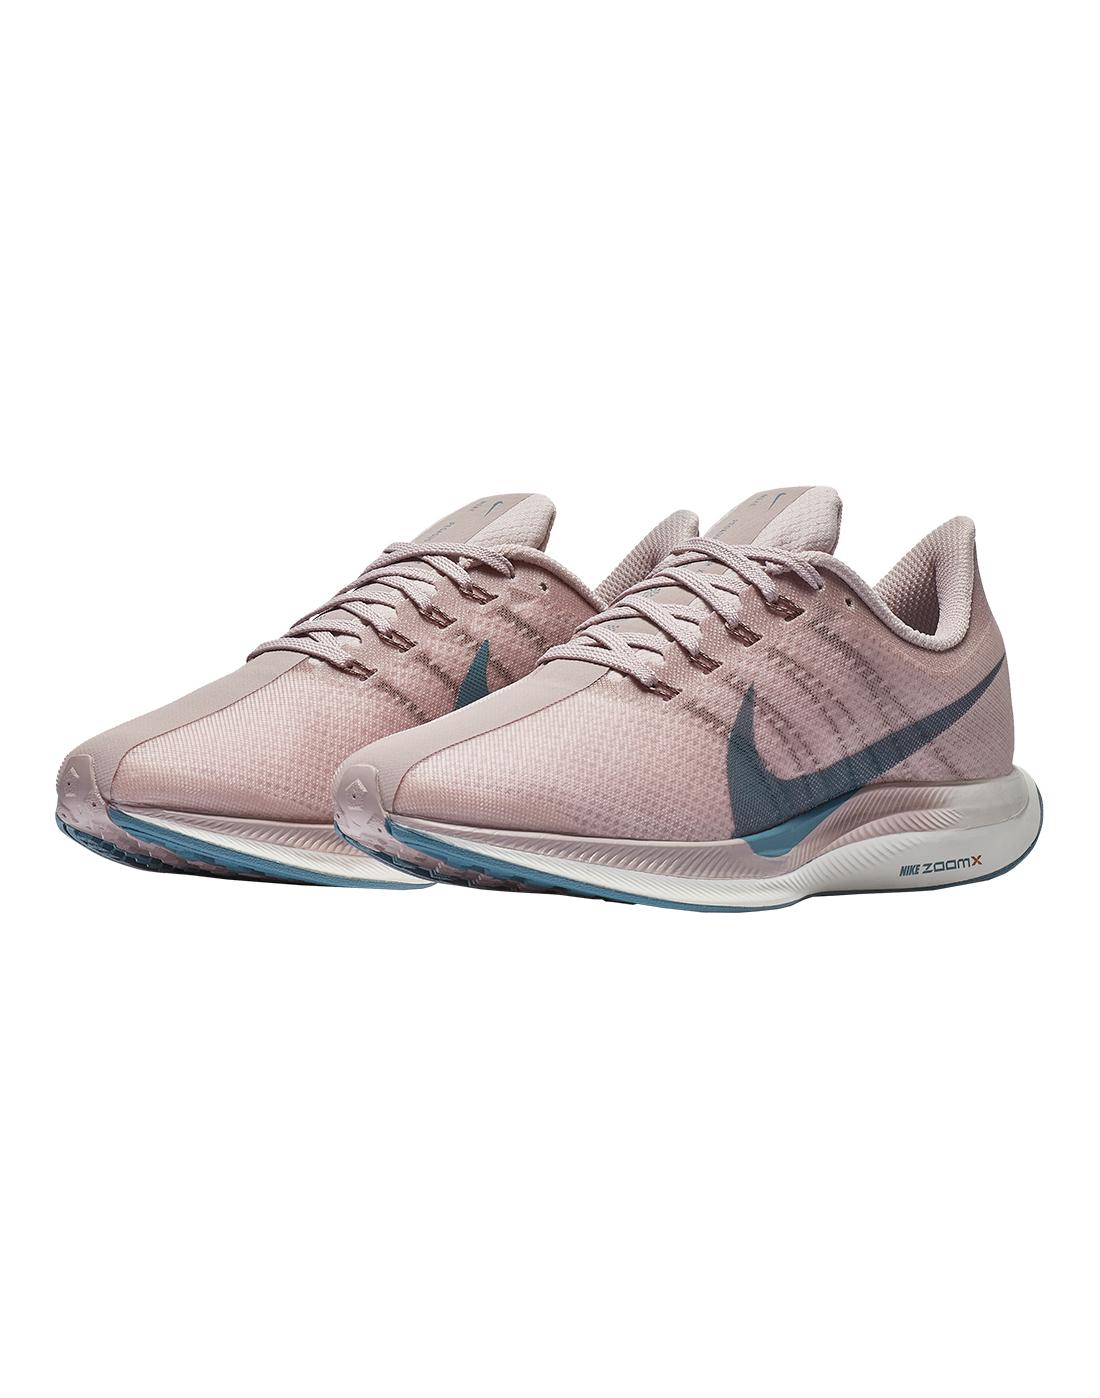 aa2e12136fd Women s Pink Nike Pegasus 35 Running Shoes